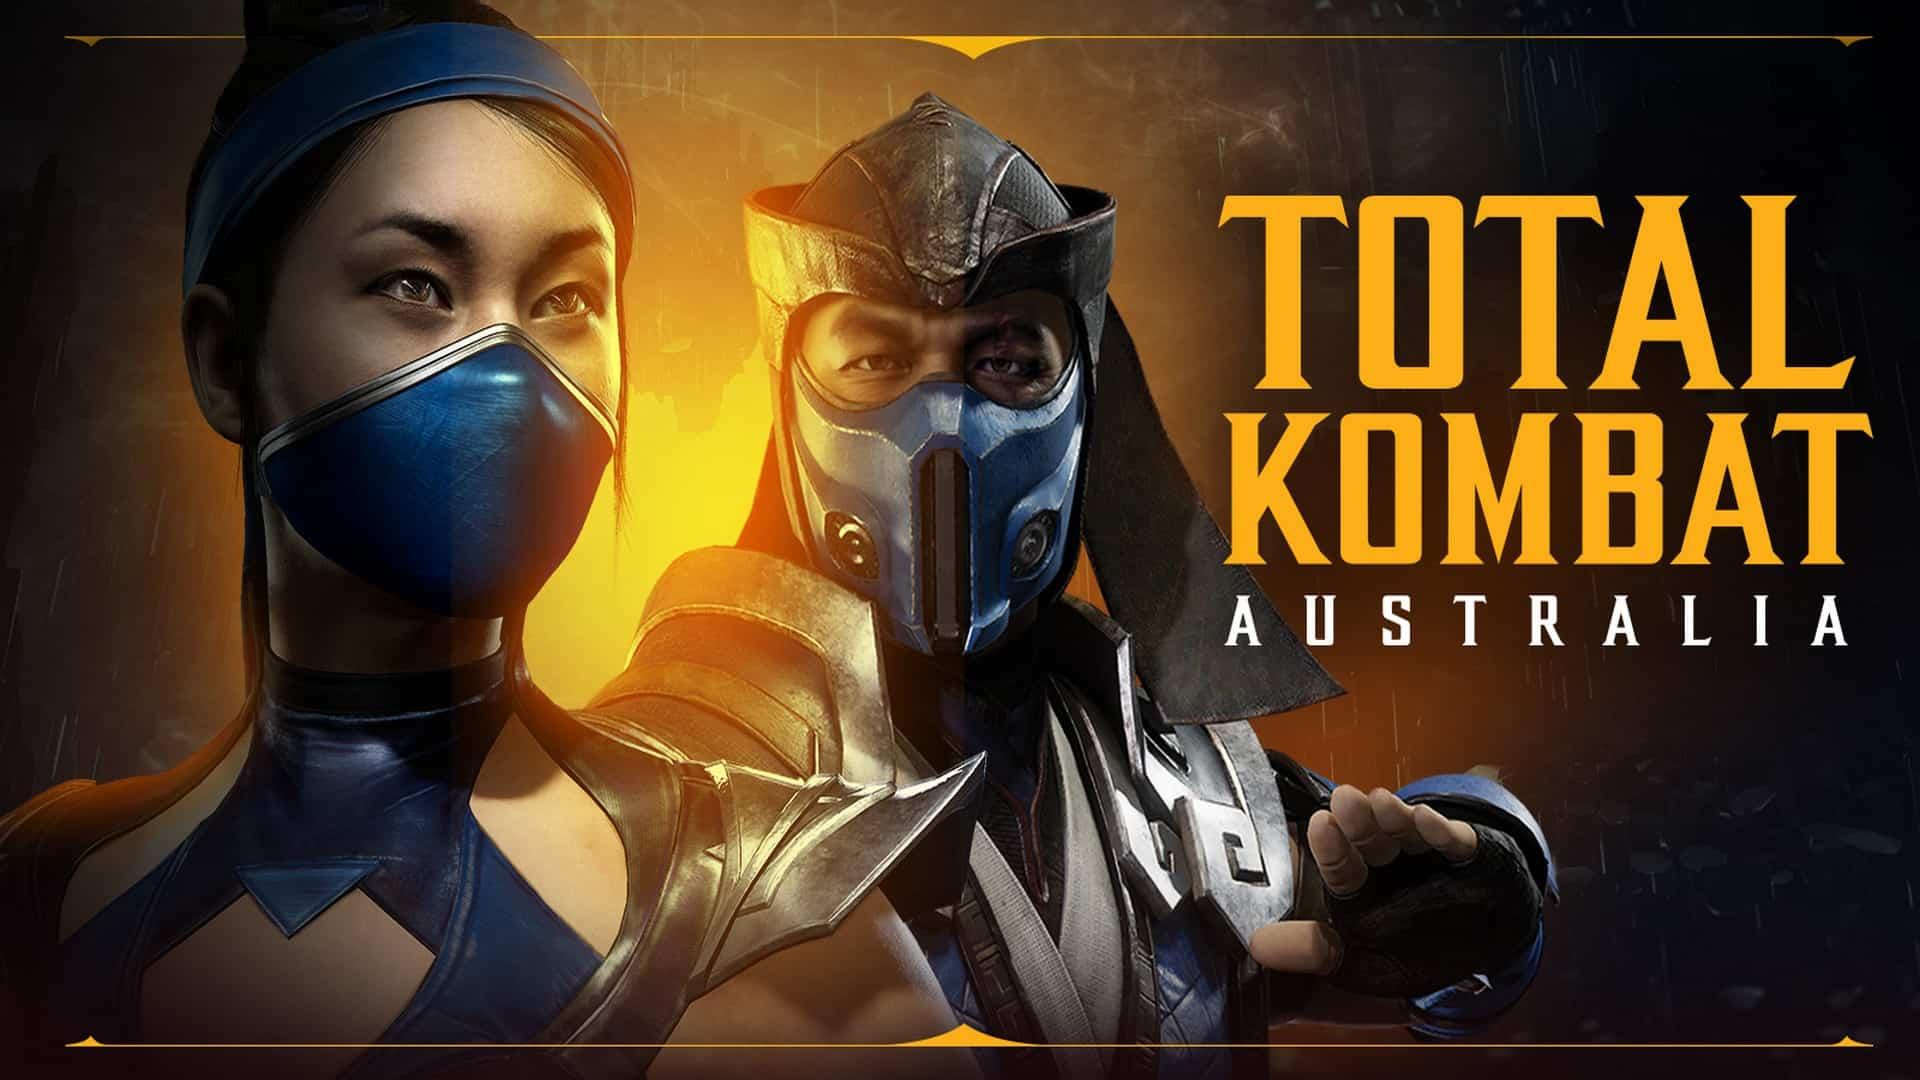 Australia's Mortal Kombat 11 Tournament Revealed